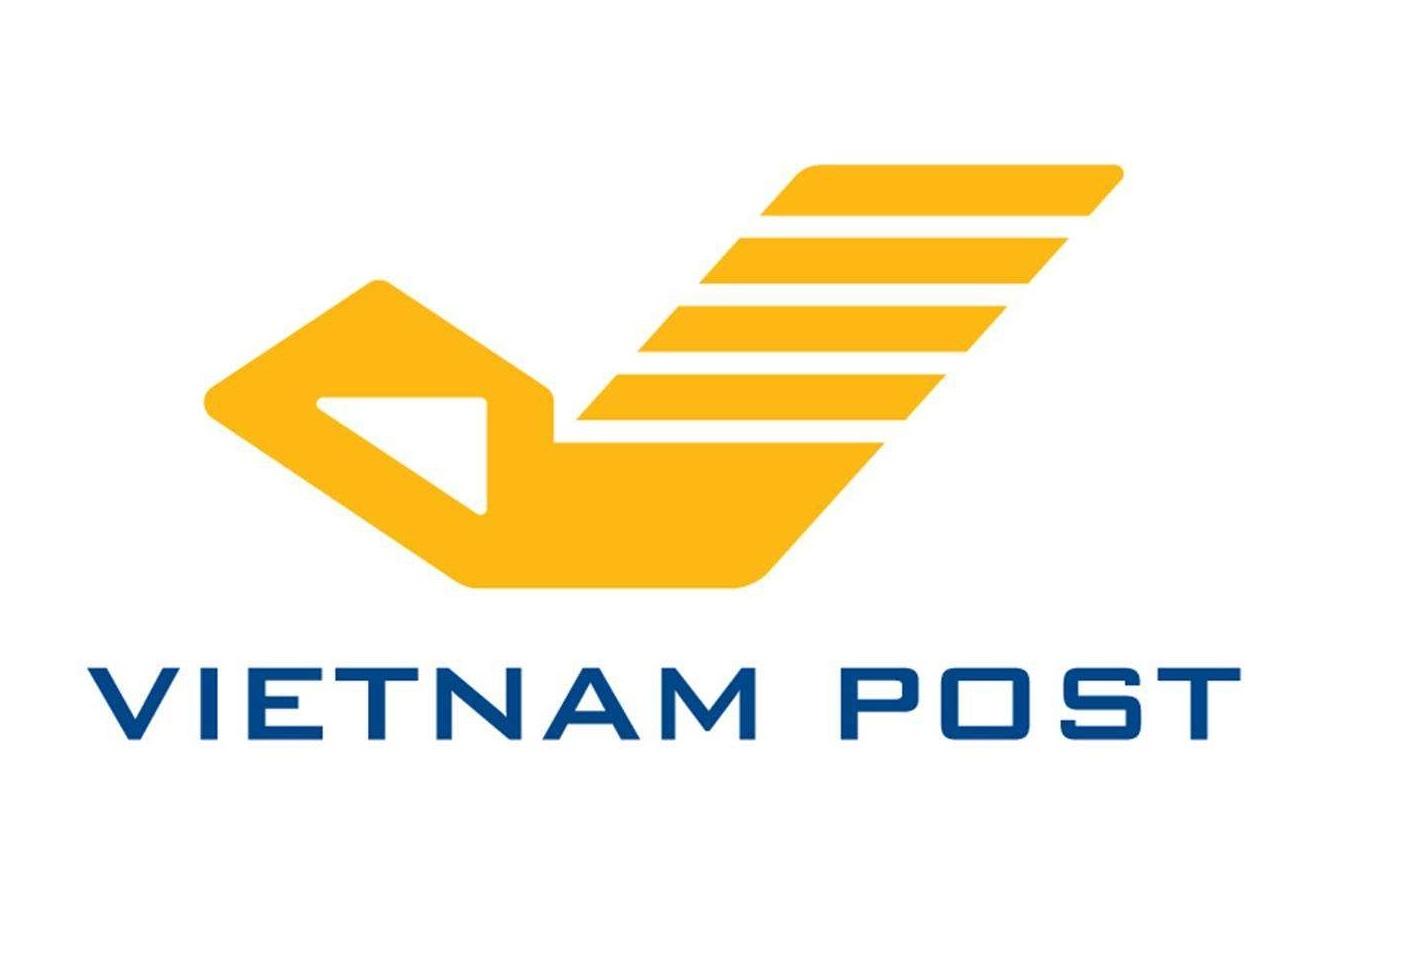 Cách kiểm tra đơn hàng bưu điện bằng số điện thoại